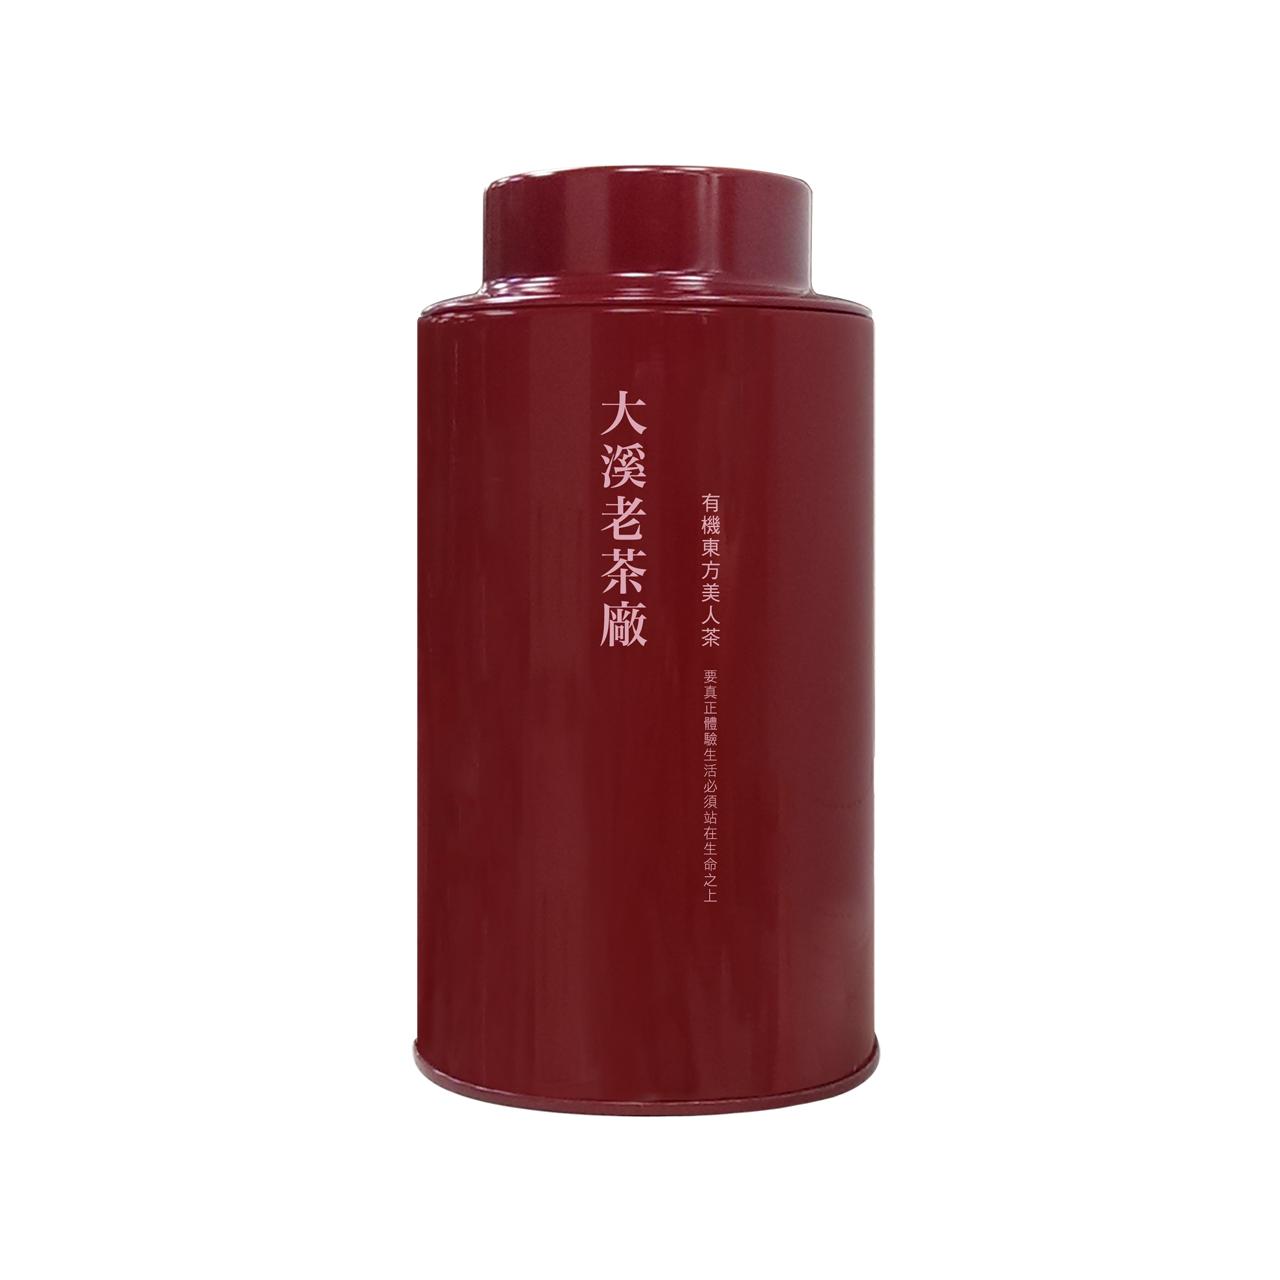 大溪-有機東方美人茶